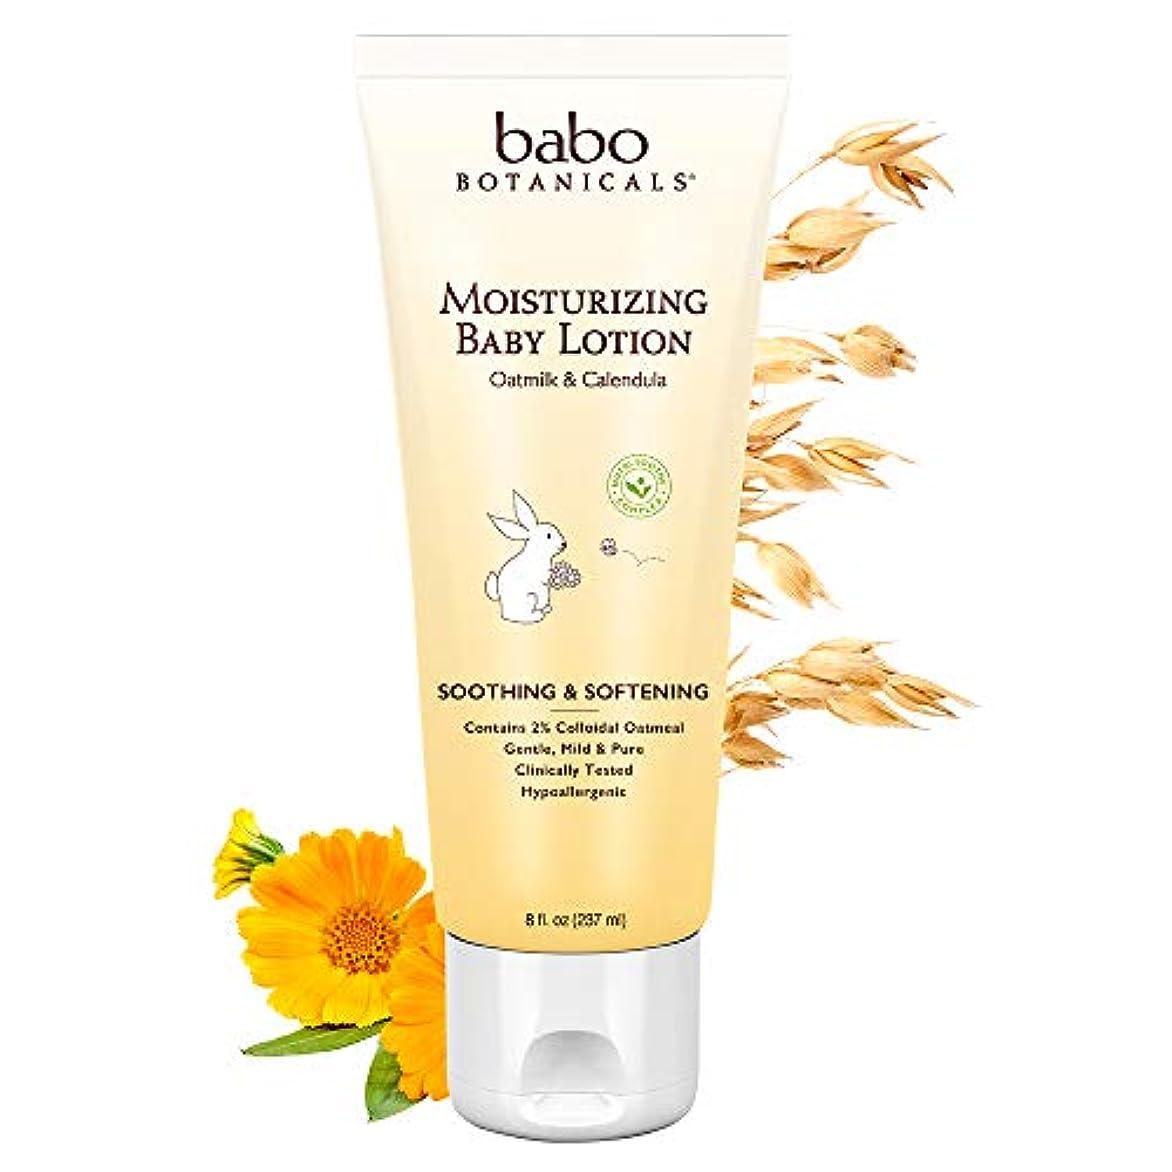 外観医薬品修正するBabo Botanicals Oatmilkカレンデュラ保湿ベビーローション、 - スージング敏感肌のためのベストのベビーローション。アトピー性皮膚炎を和らげるのに役立ちます。ナチュラルオーツとオーガニックカレンデュラ...